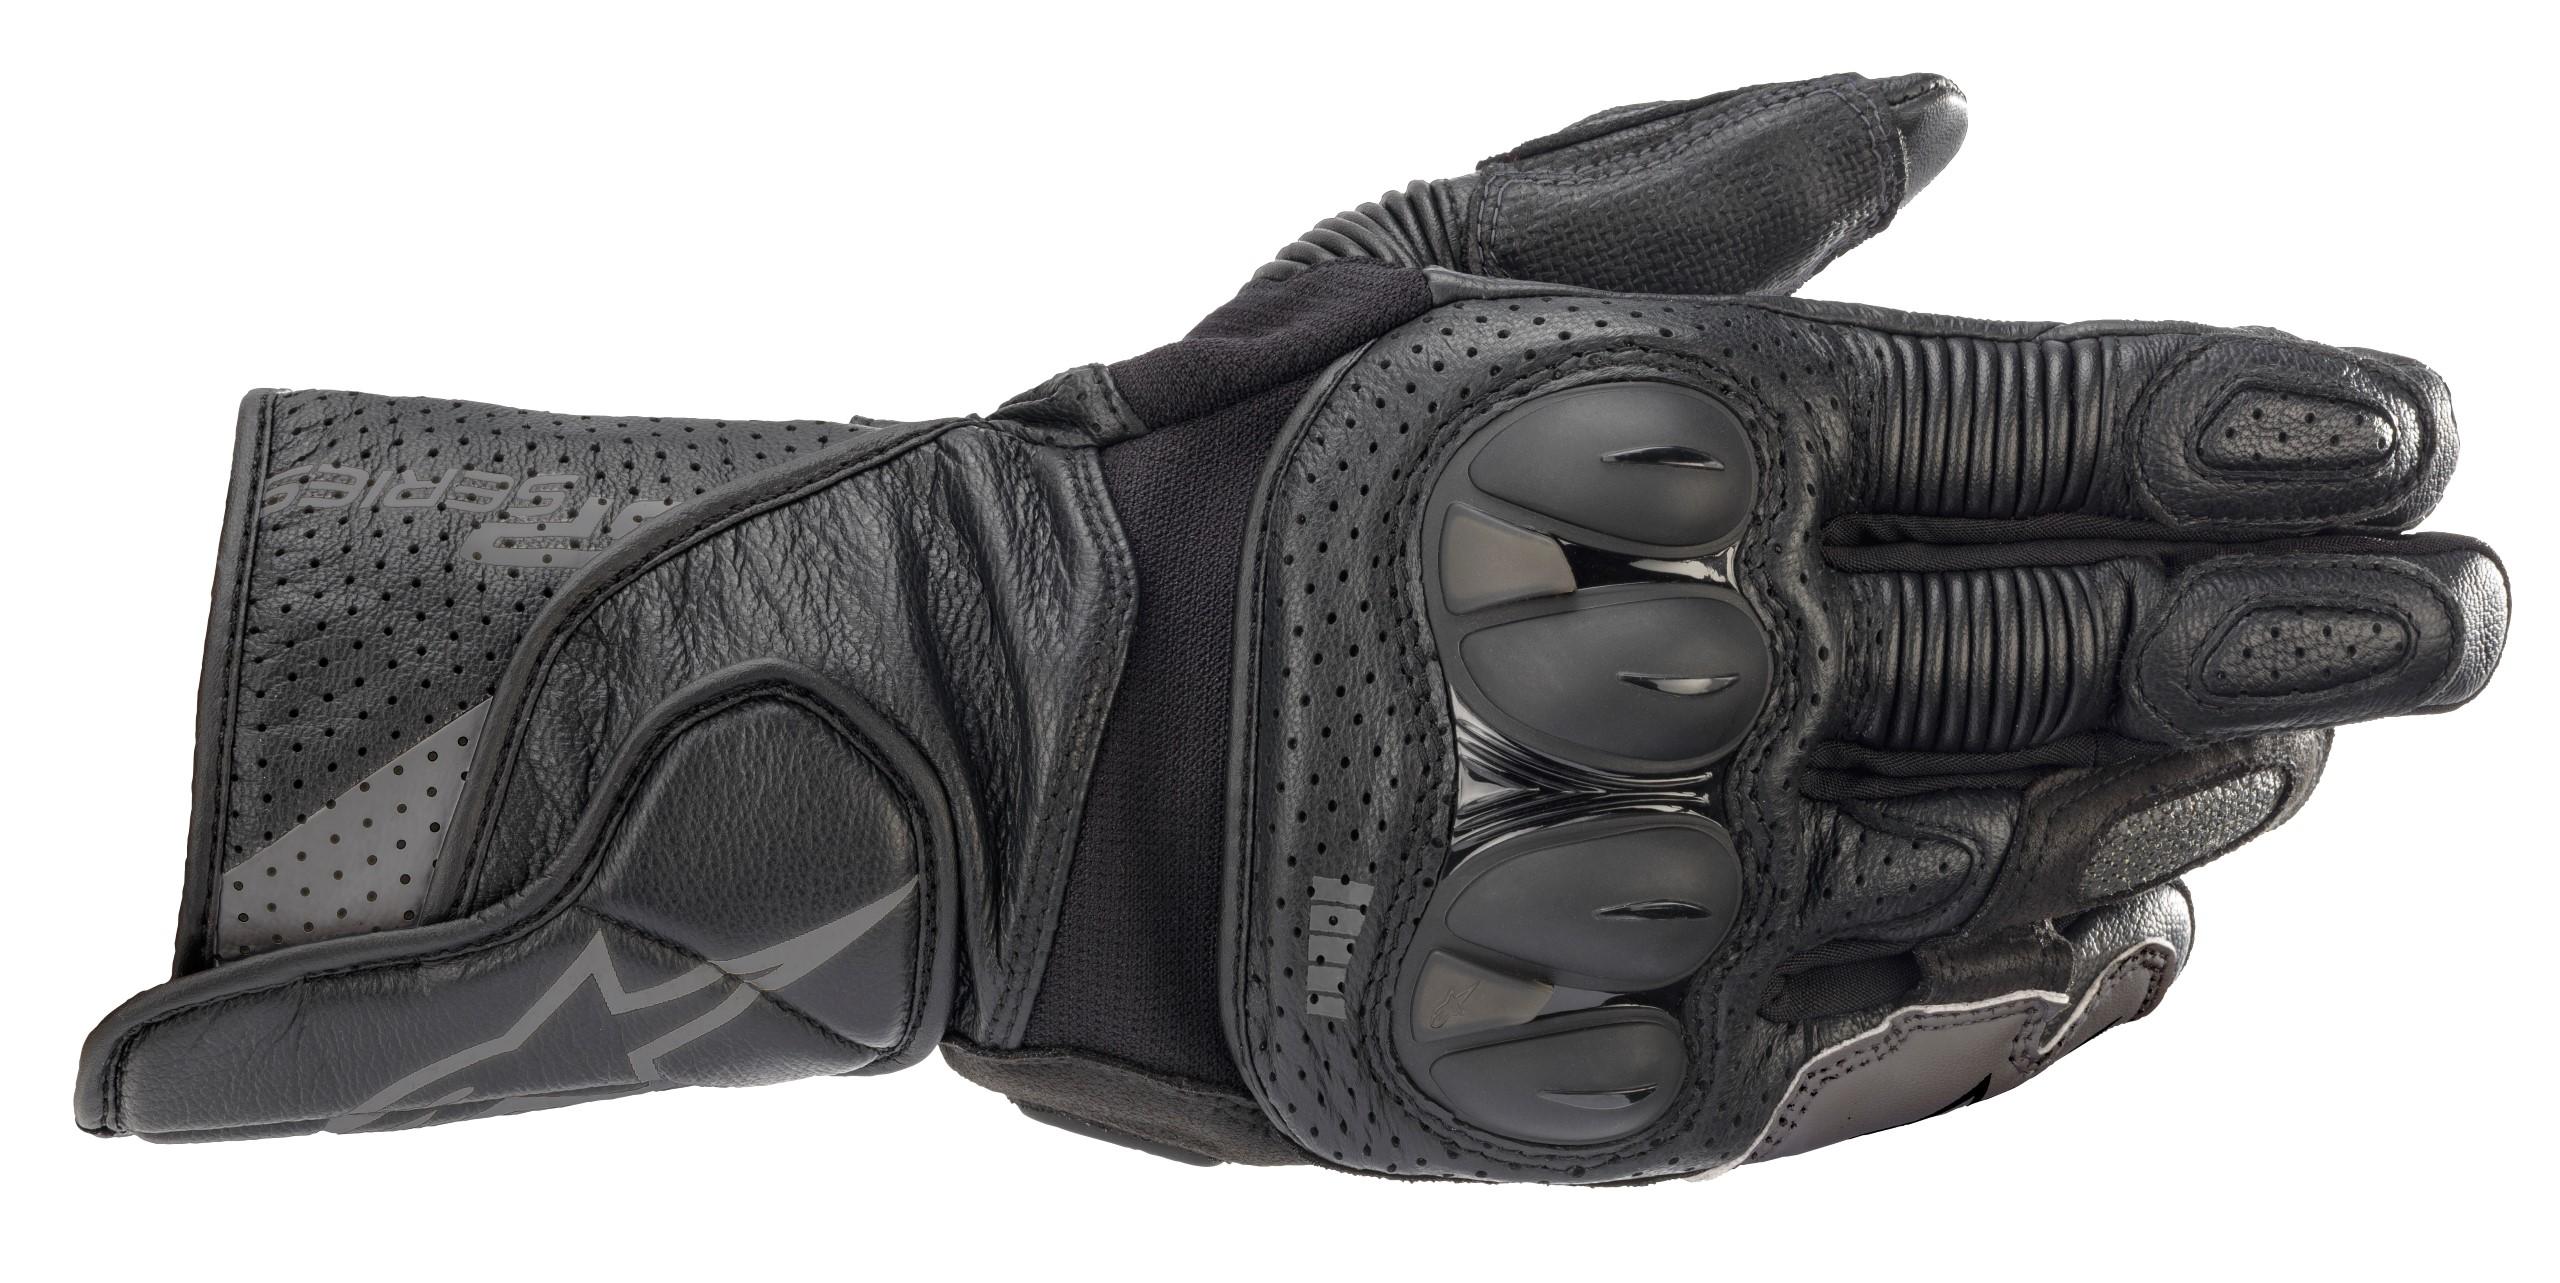 3558221-104-fr_sp-2-v3-glove